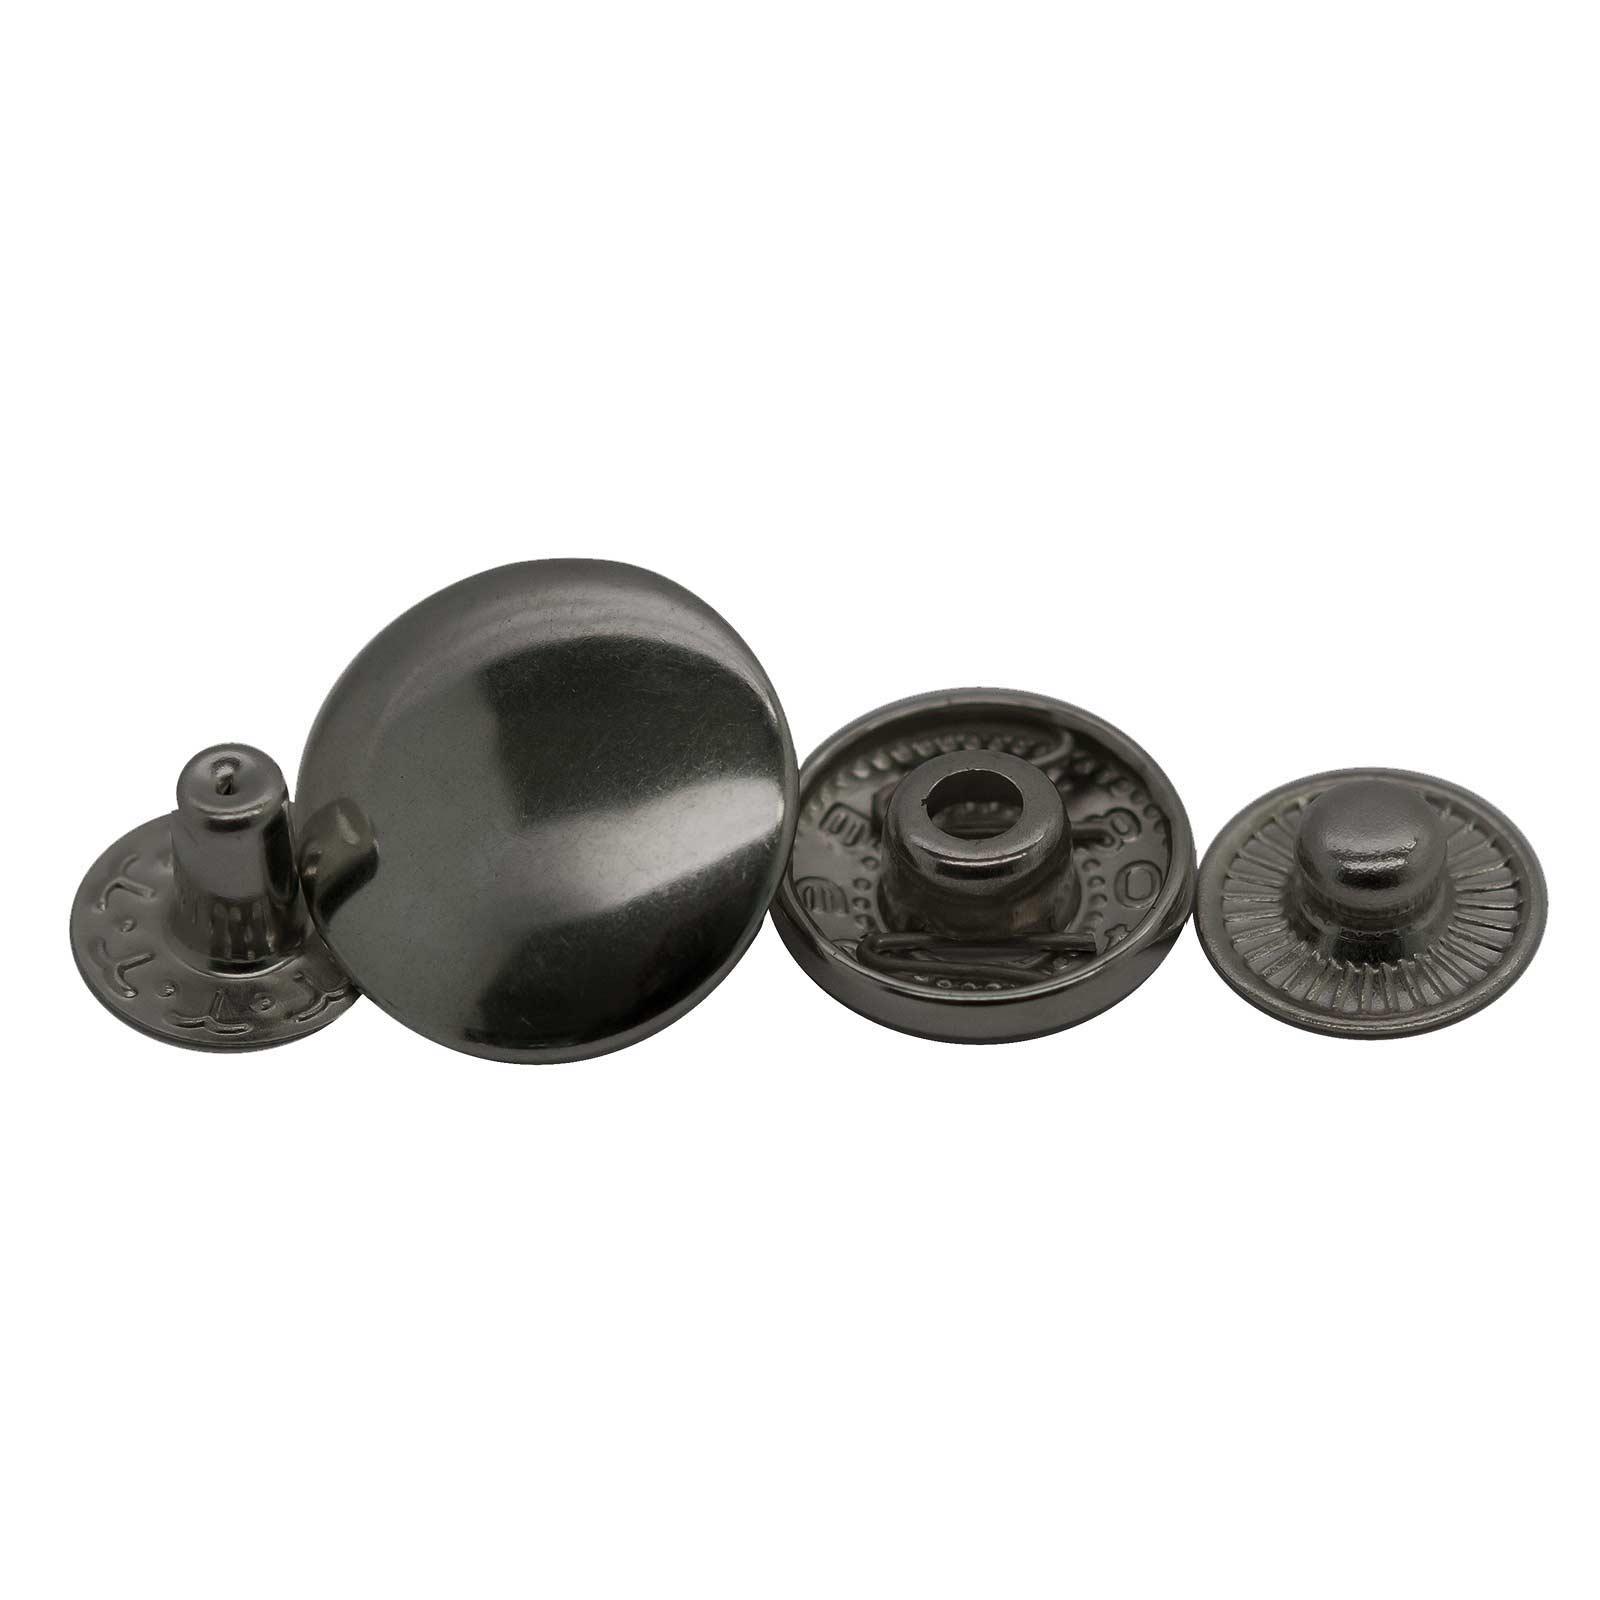 200 Stk Druckknopf Set rund S-Feder Verschlüsse Schnappknopf Metall Größen- /Farbwahl – Bild 7